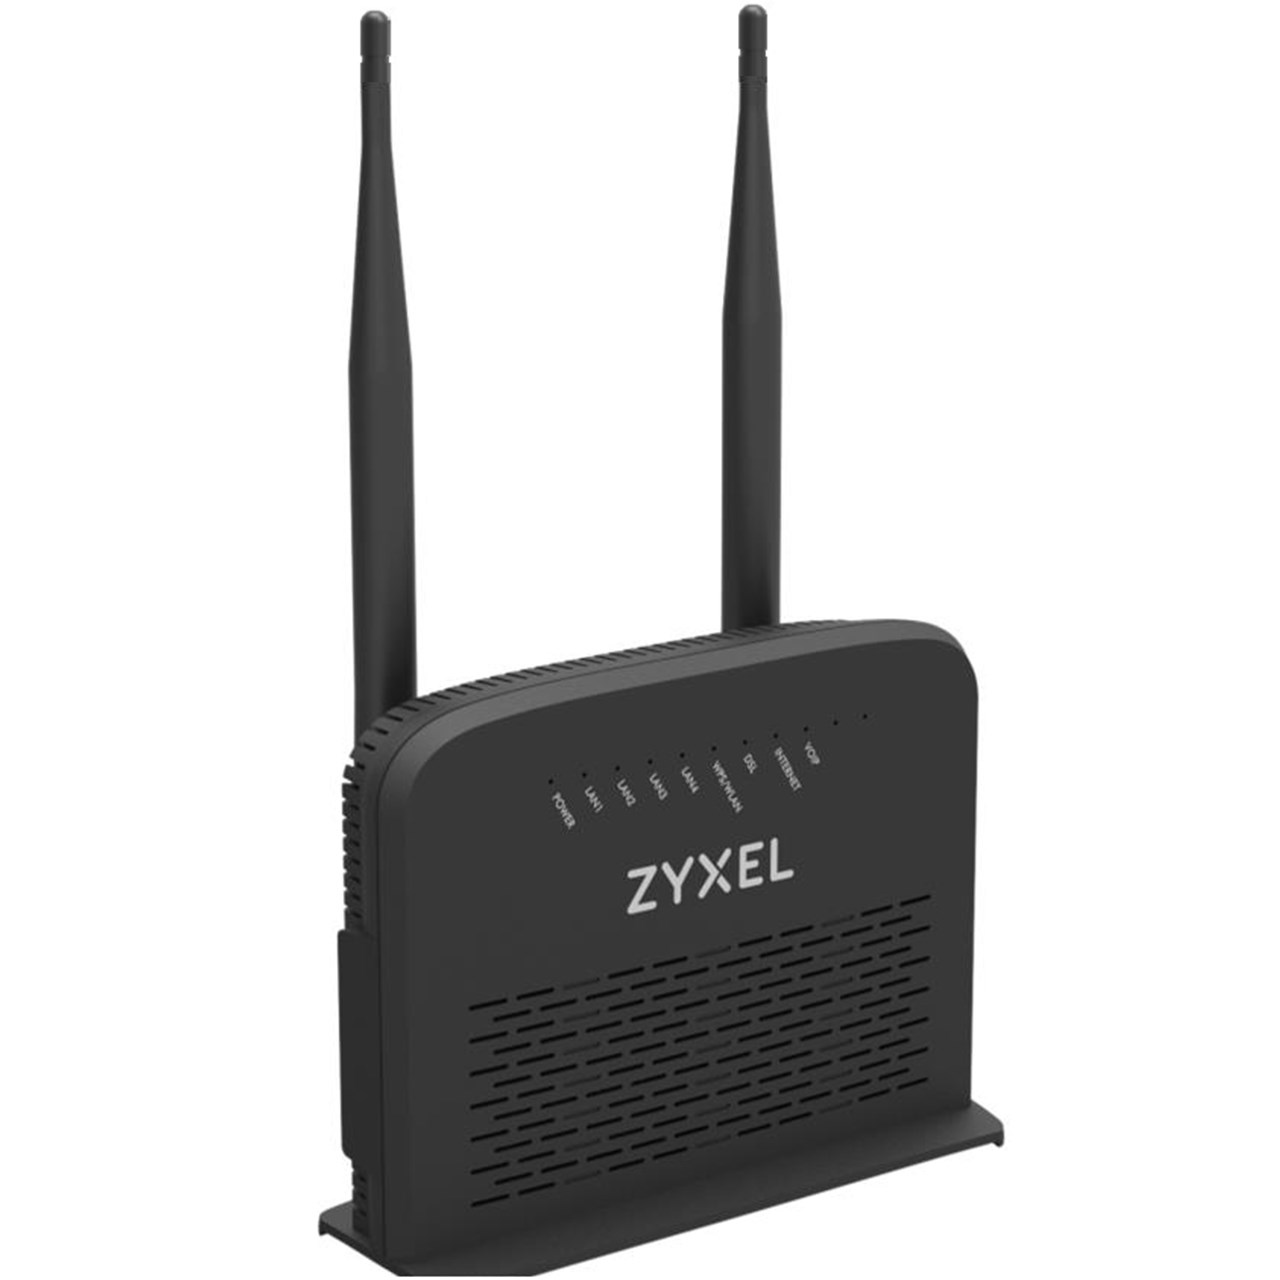 تصویر مودم روتر بی سیم VDSL/ADSL زایکسل مدل VMG5301-T20A